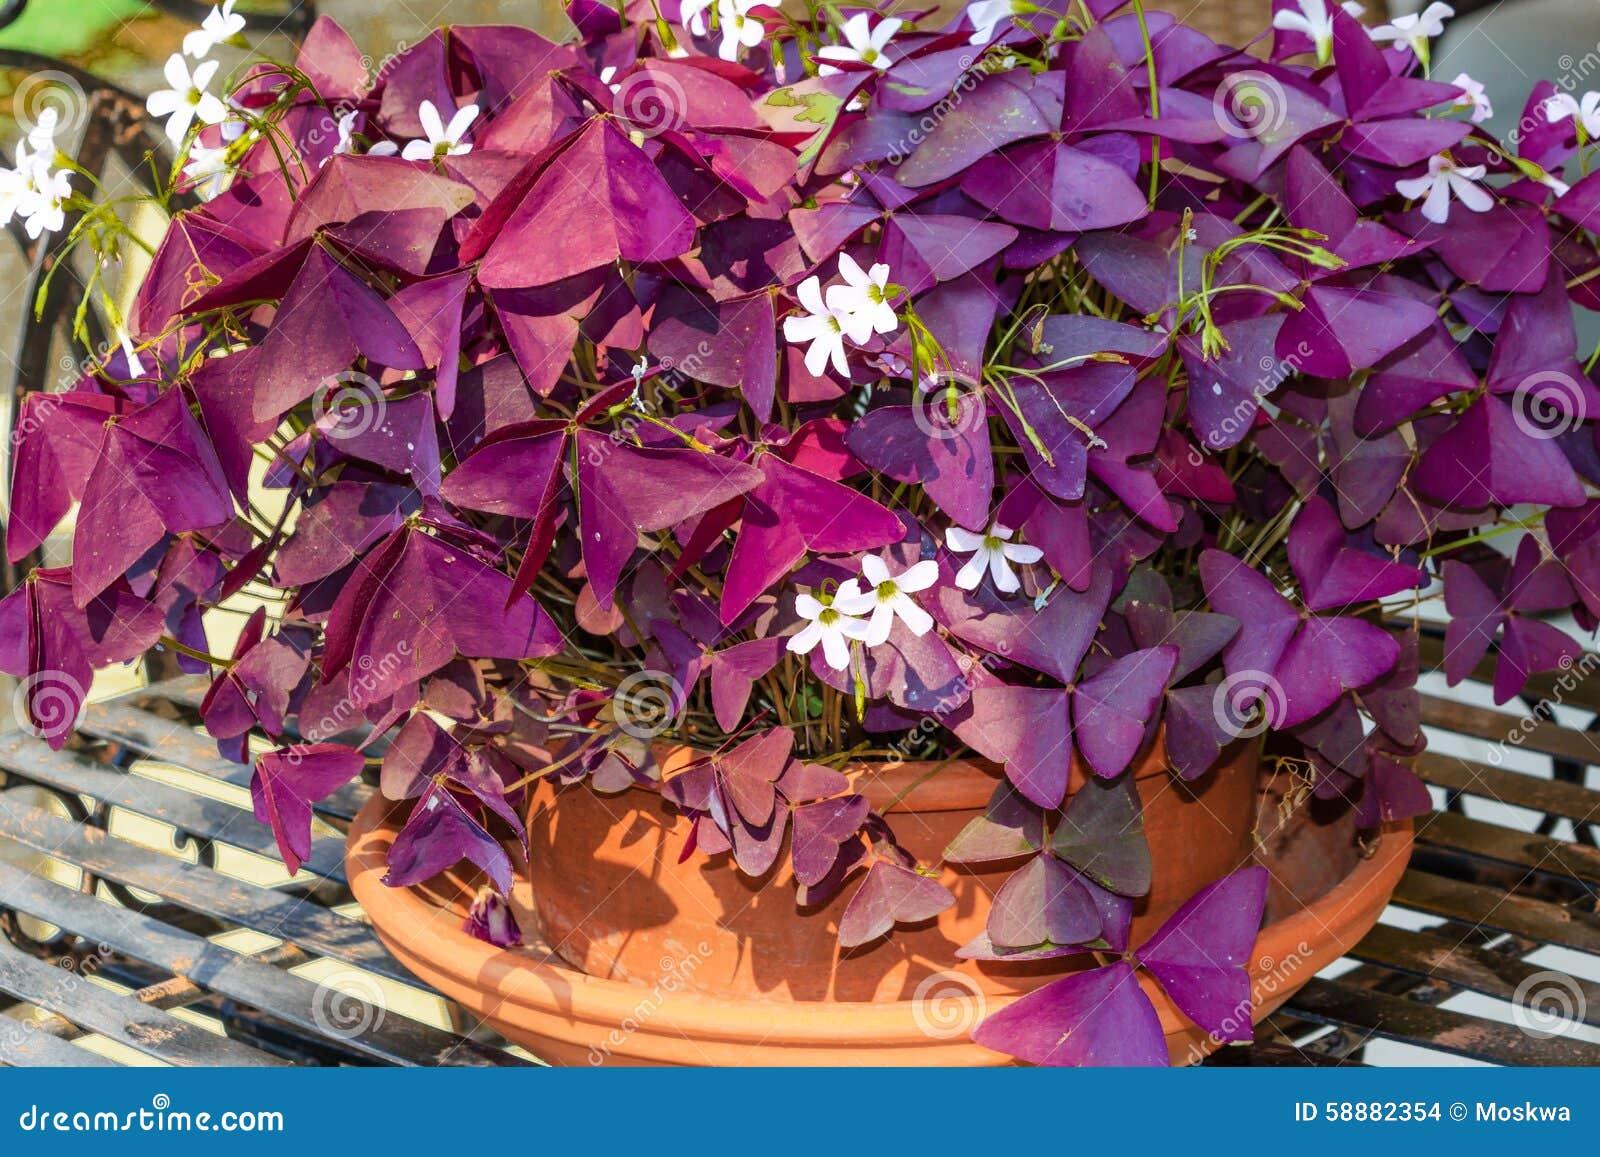 Цветы комнатные оксалис